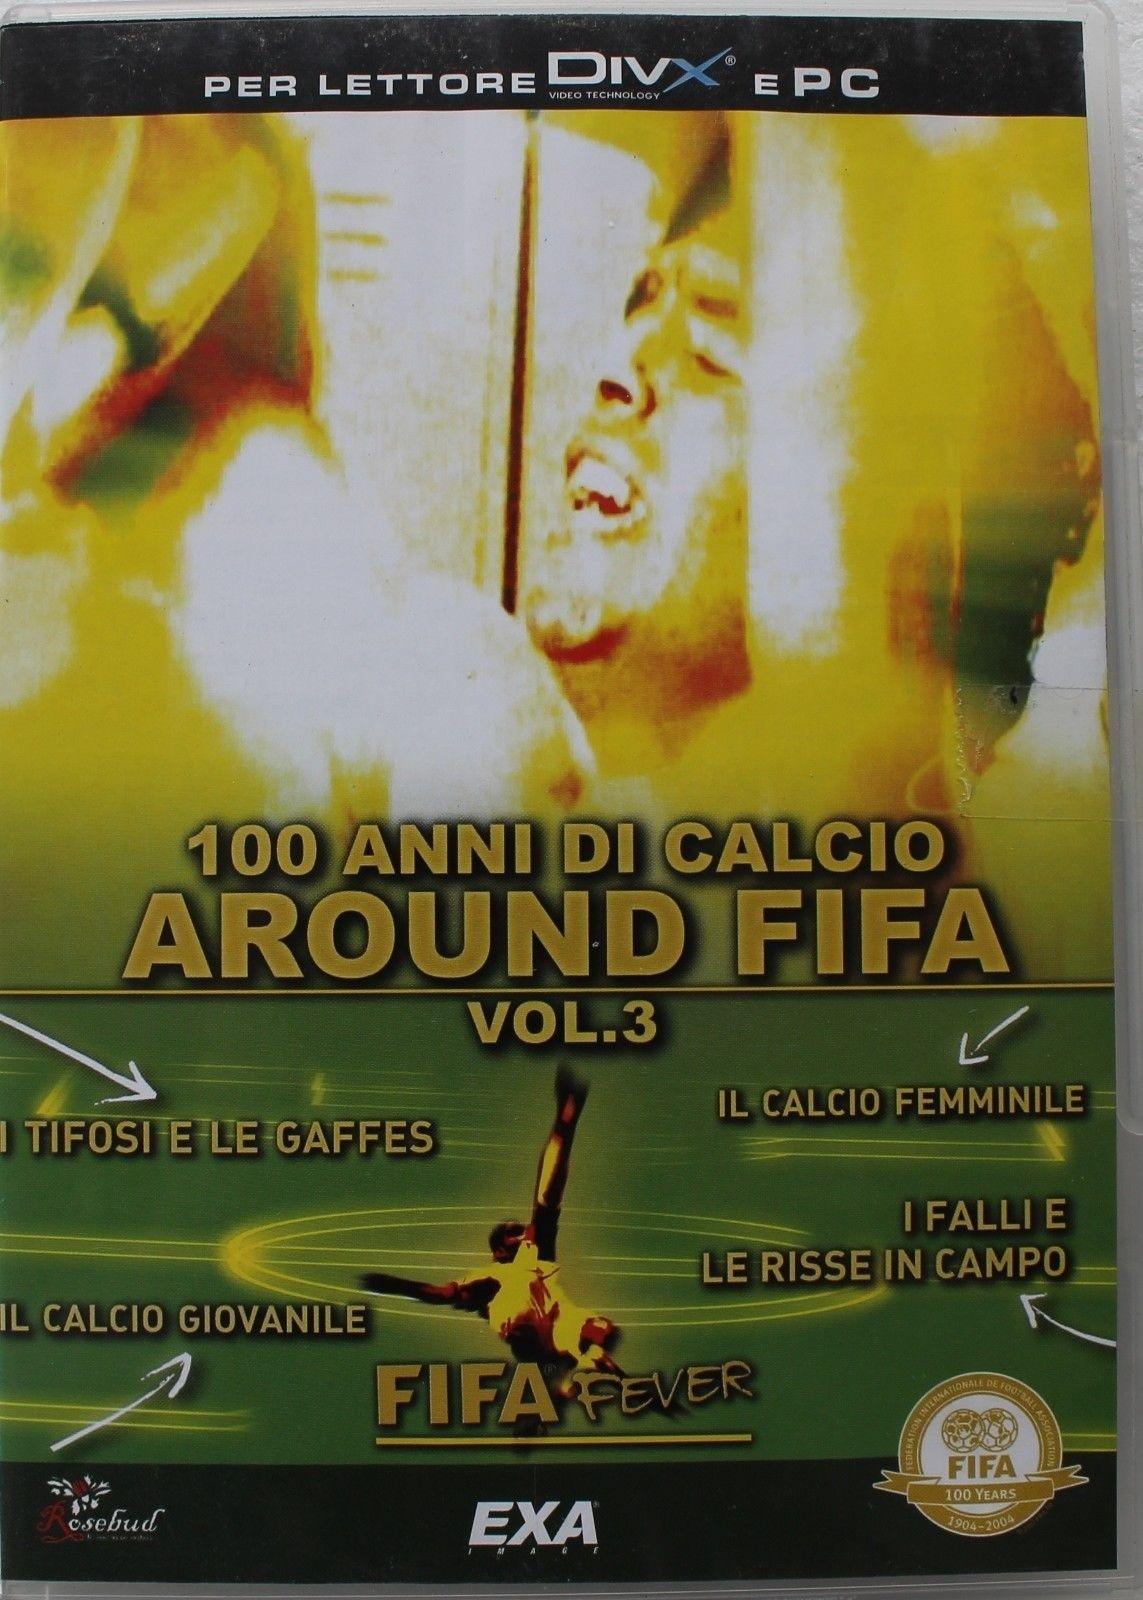 100 anni di calcio around fifa - divx